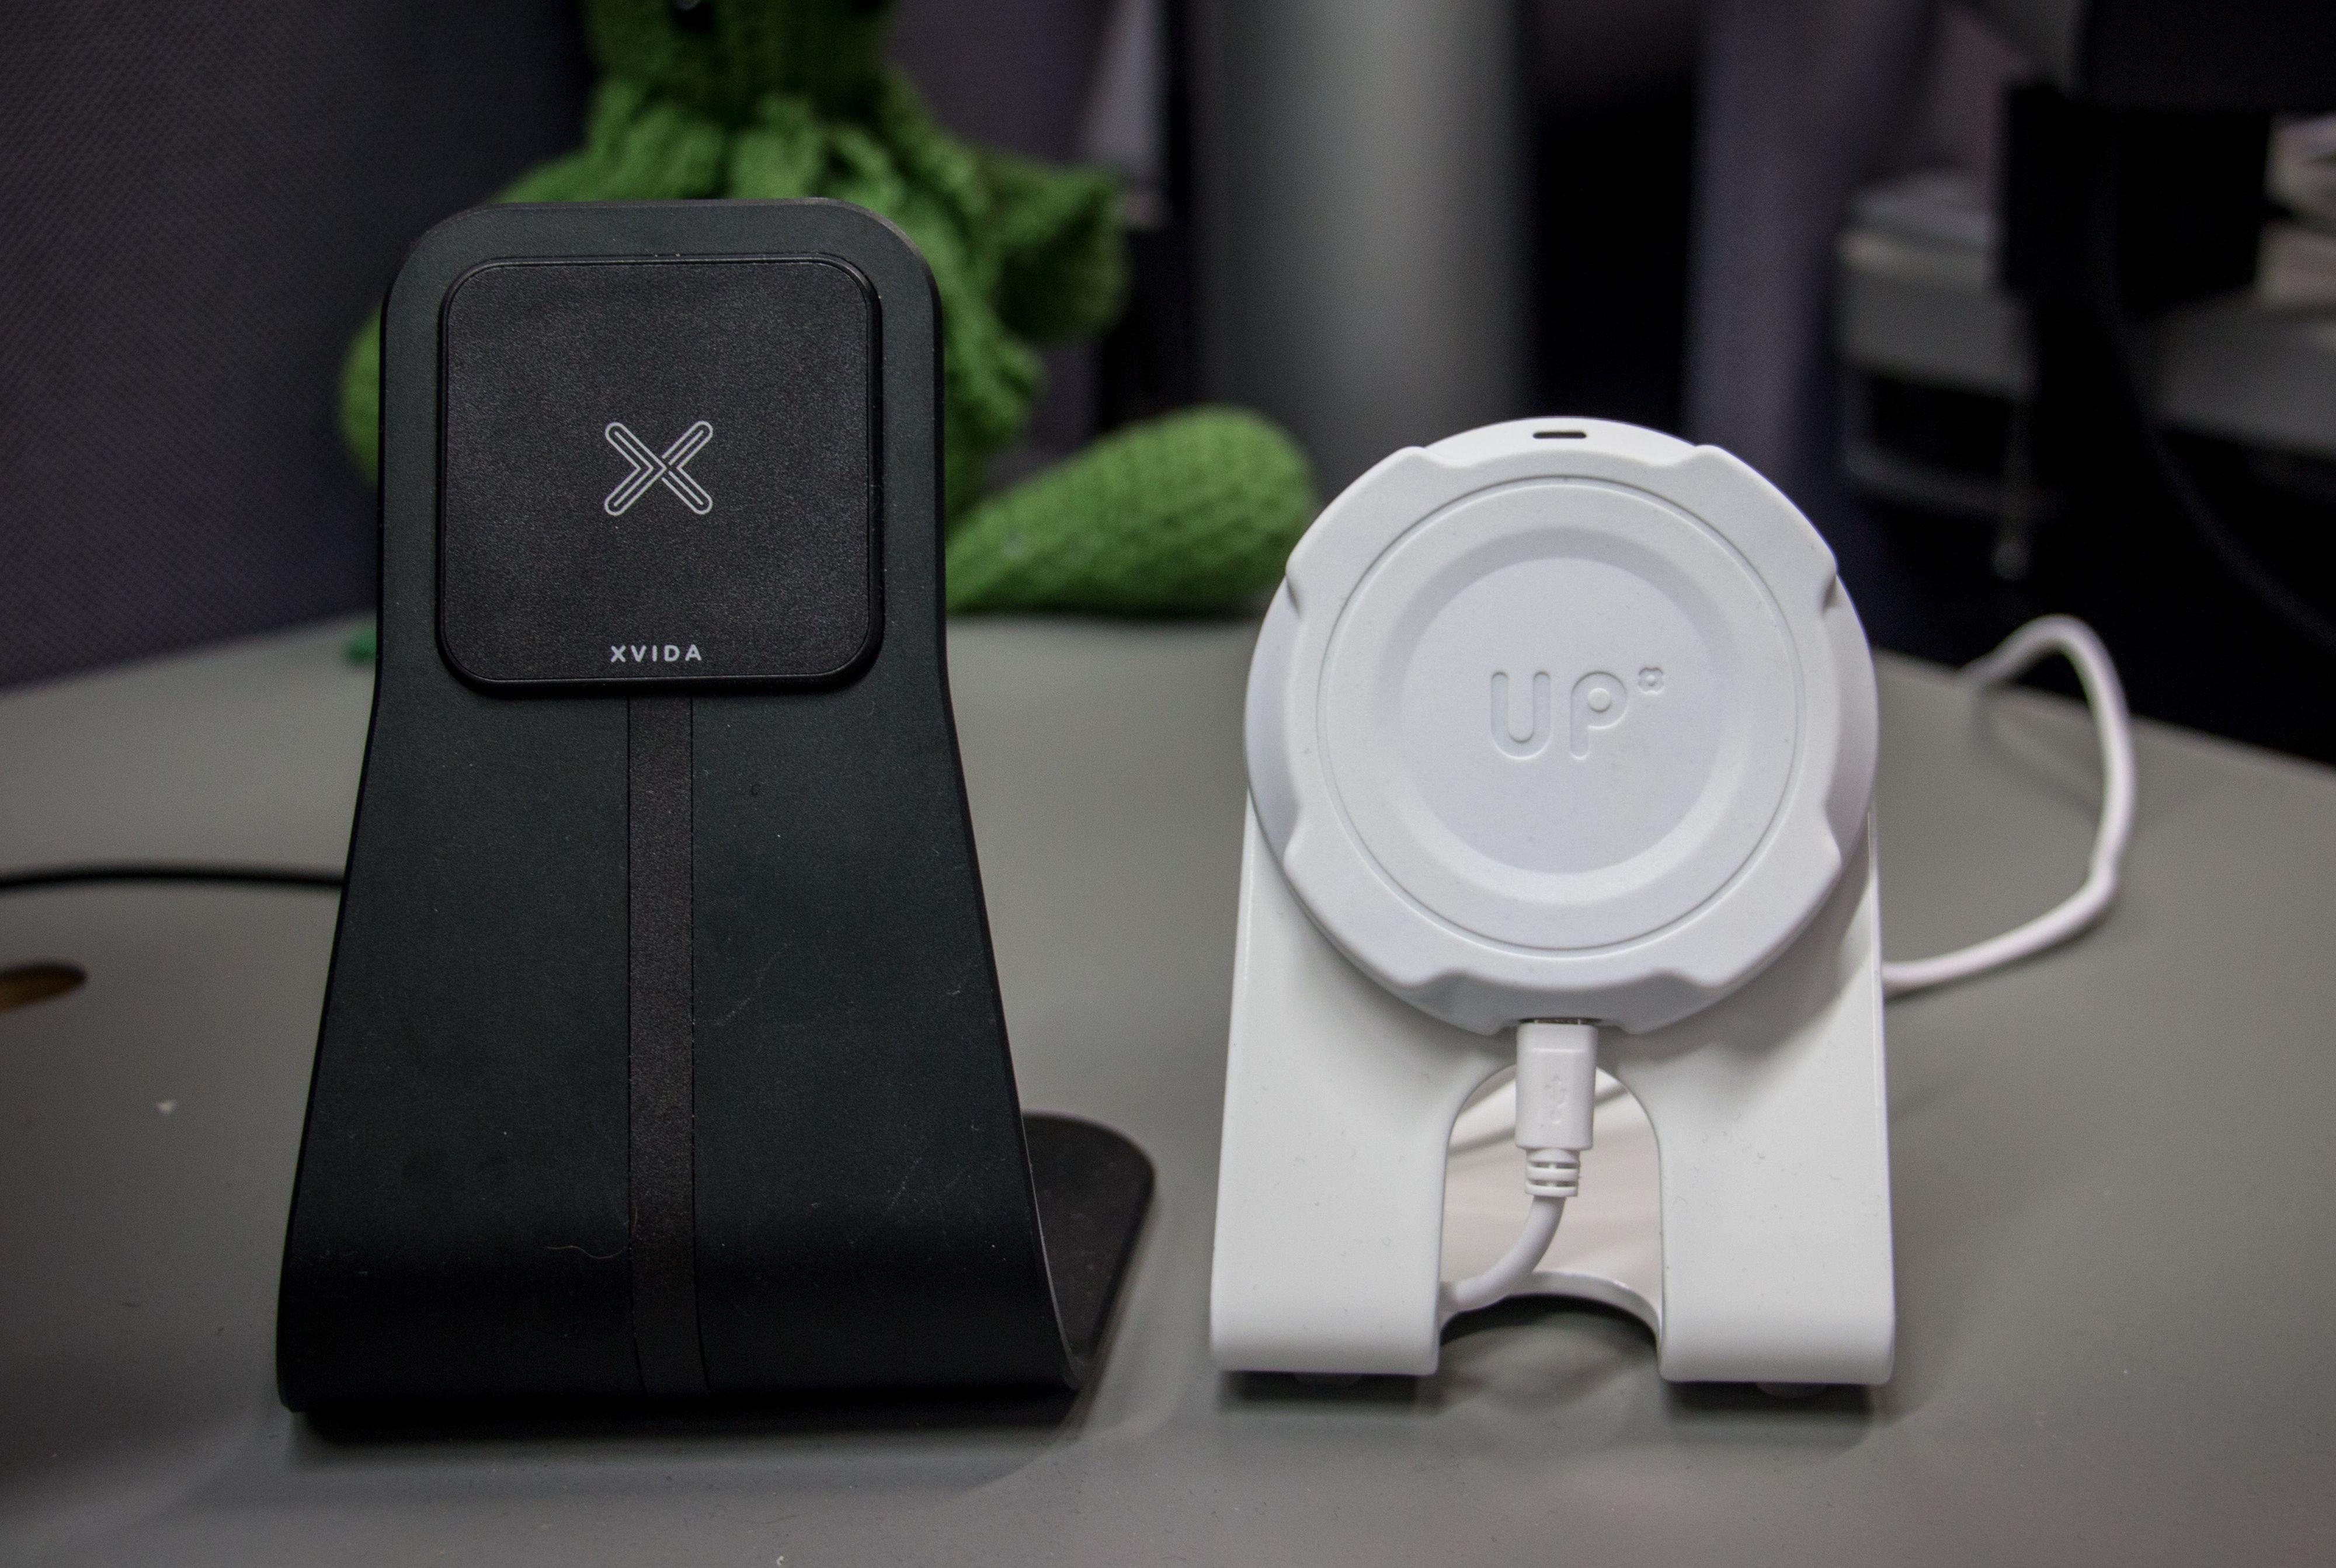 Disse to produktene gjør nøyaktig samme ting, men den ene koster 900 kroner mer..